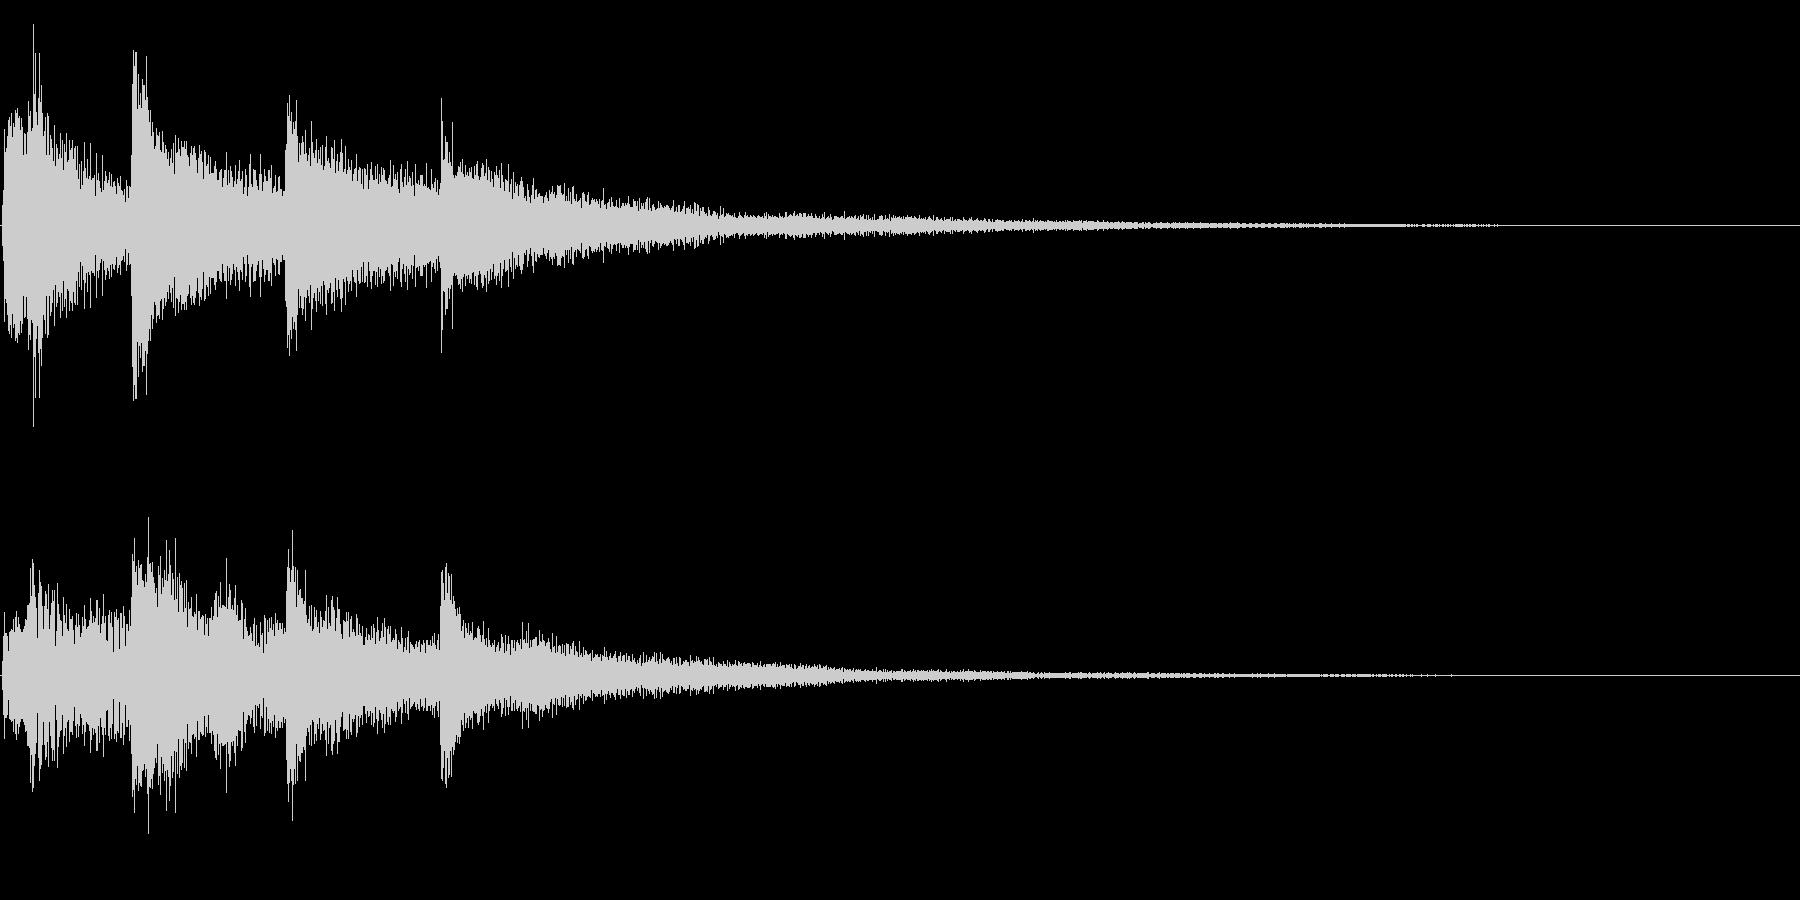 ハープ系の場面転換、転回音 シーンの切替の未再生の波形